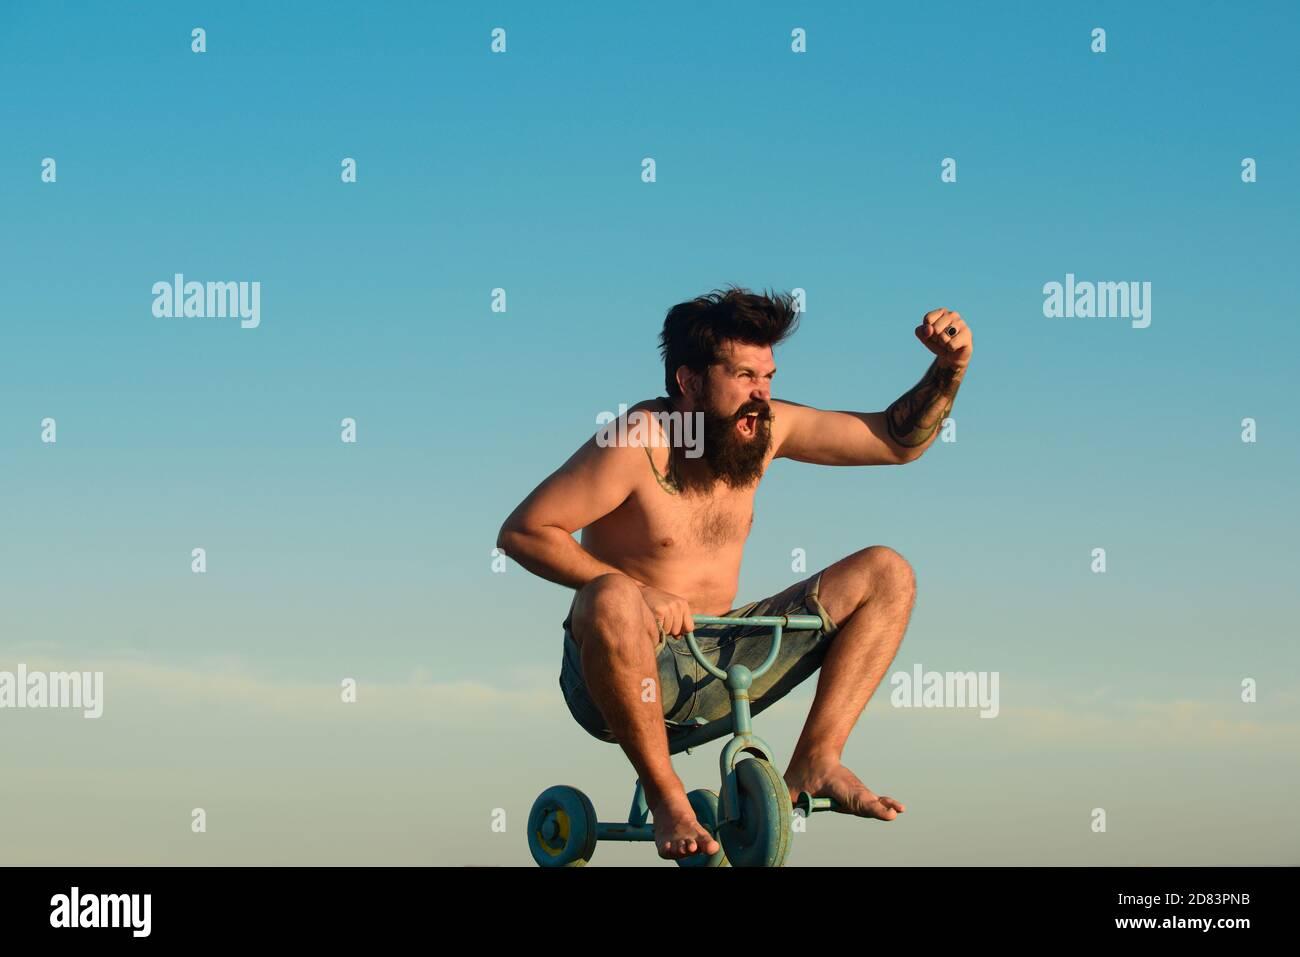 Un jeune homme excités qui fait un petit vélo et qui fait des gestes de bonheur. Drôle d'homme fou à vélo. Guy tricycle d'équitation pour enfants. Banque D'Images